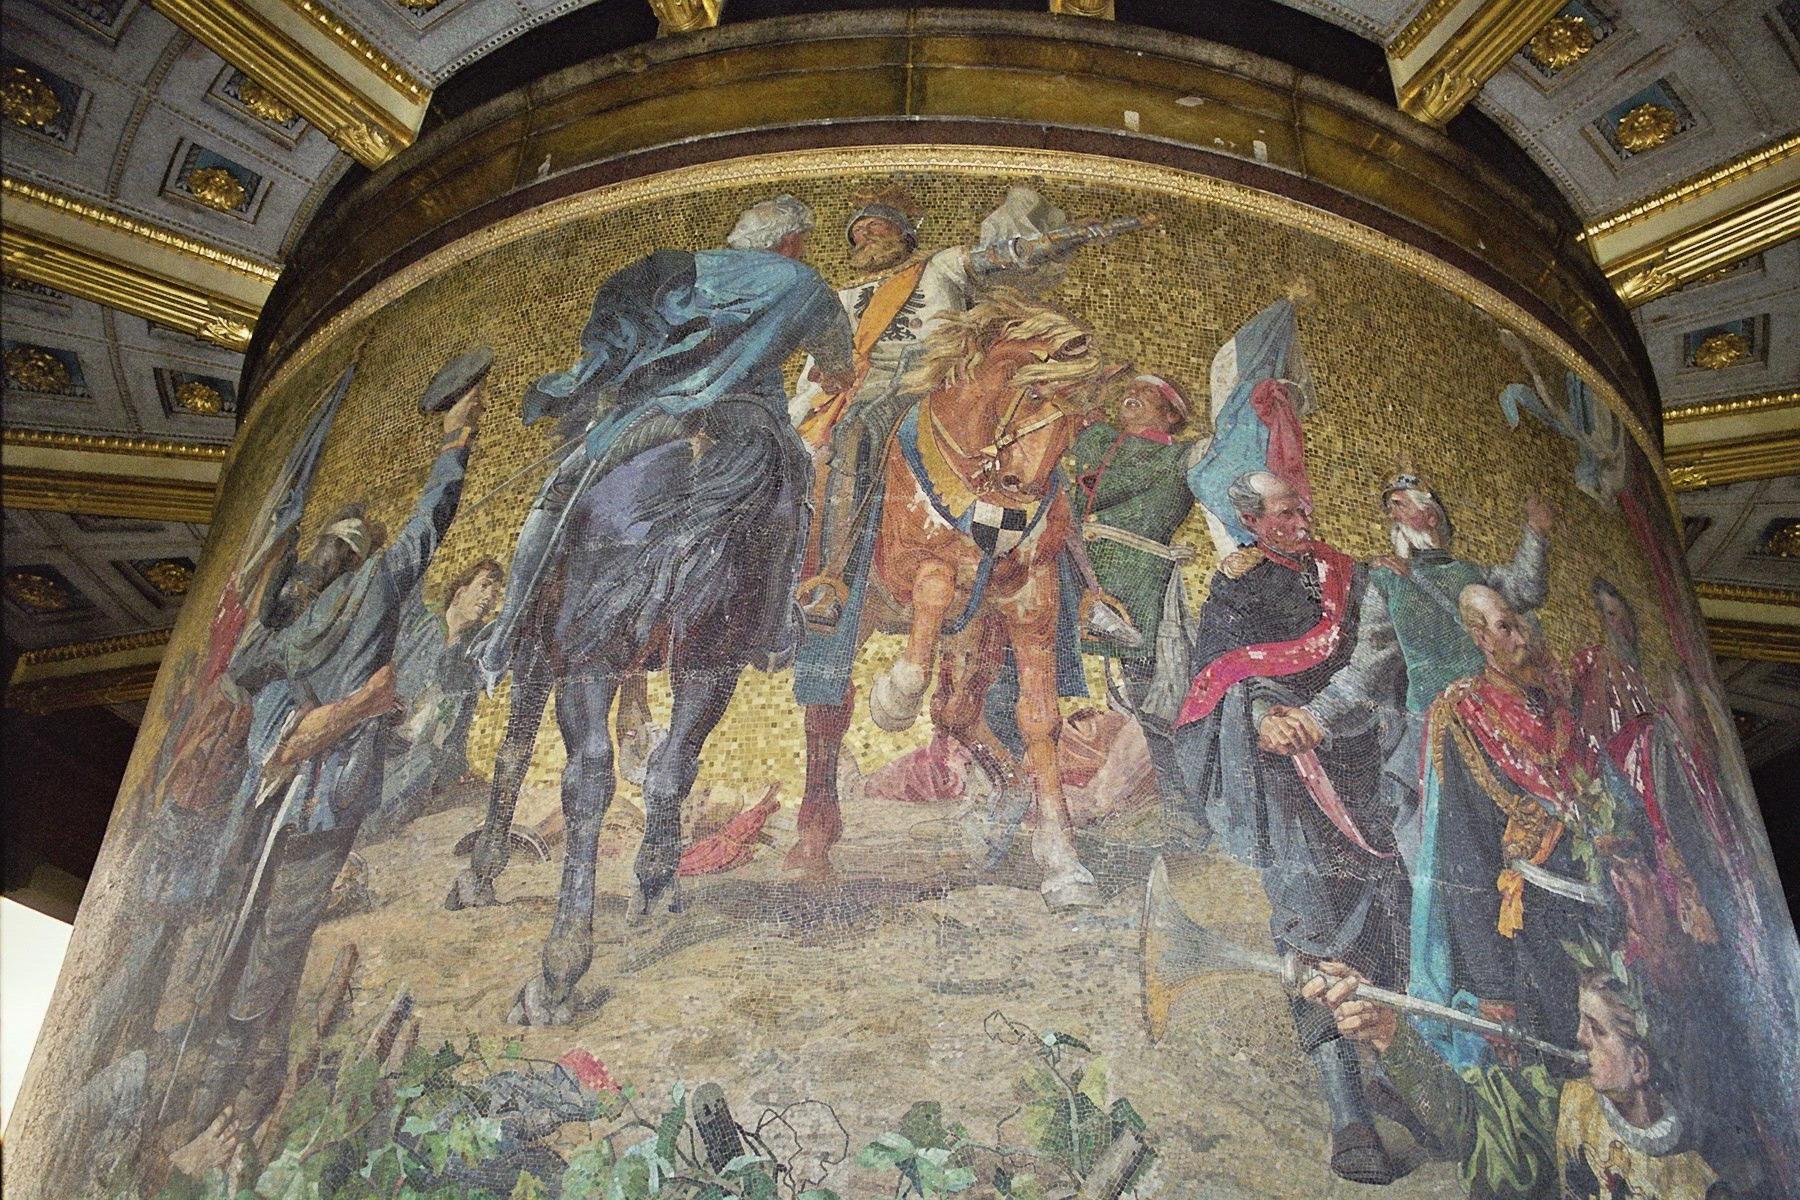 Mosaik Berlin file siegessaeule berlin december 2004 mosaic 05 jpg wikimedia